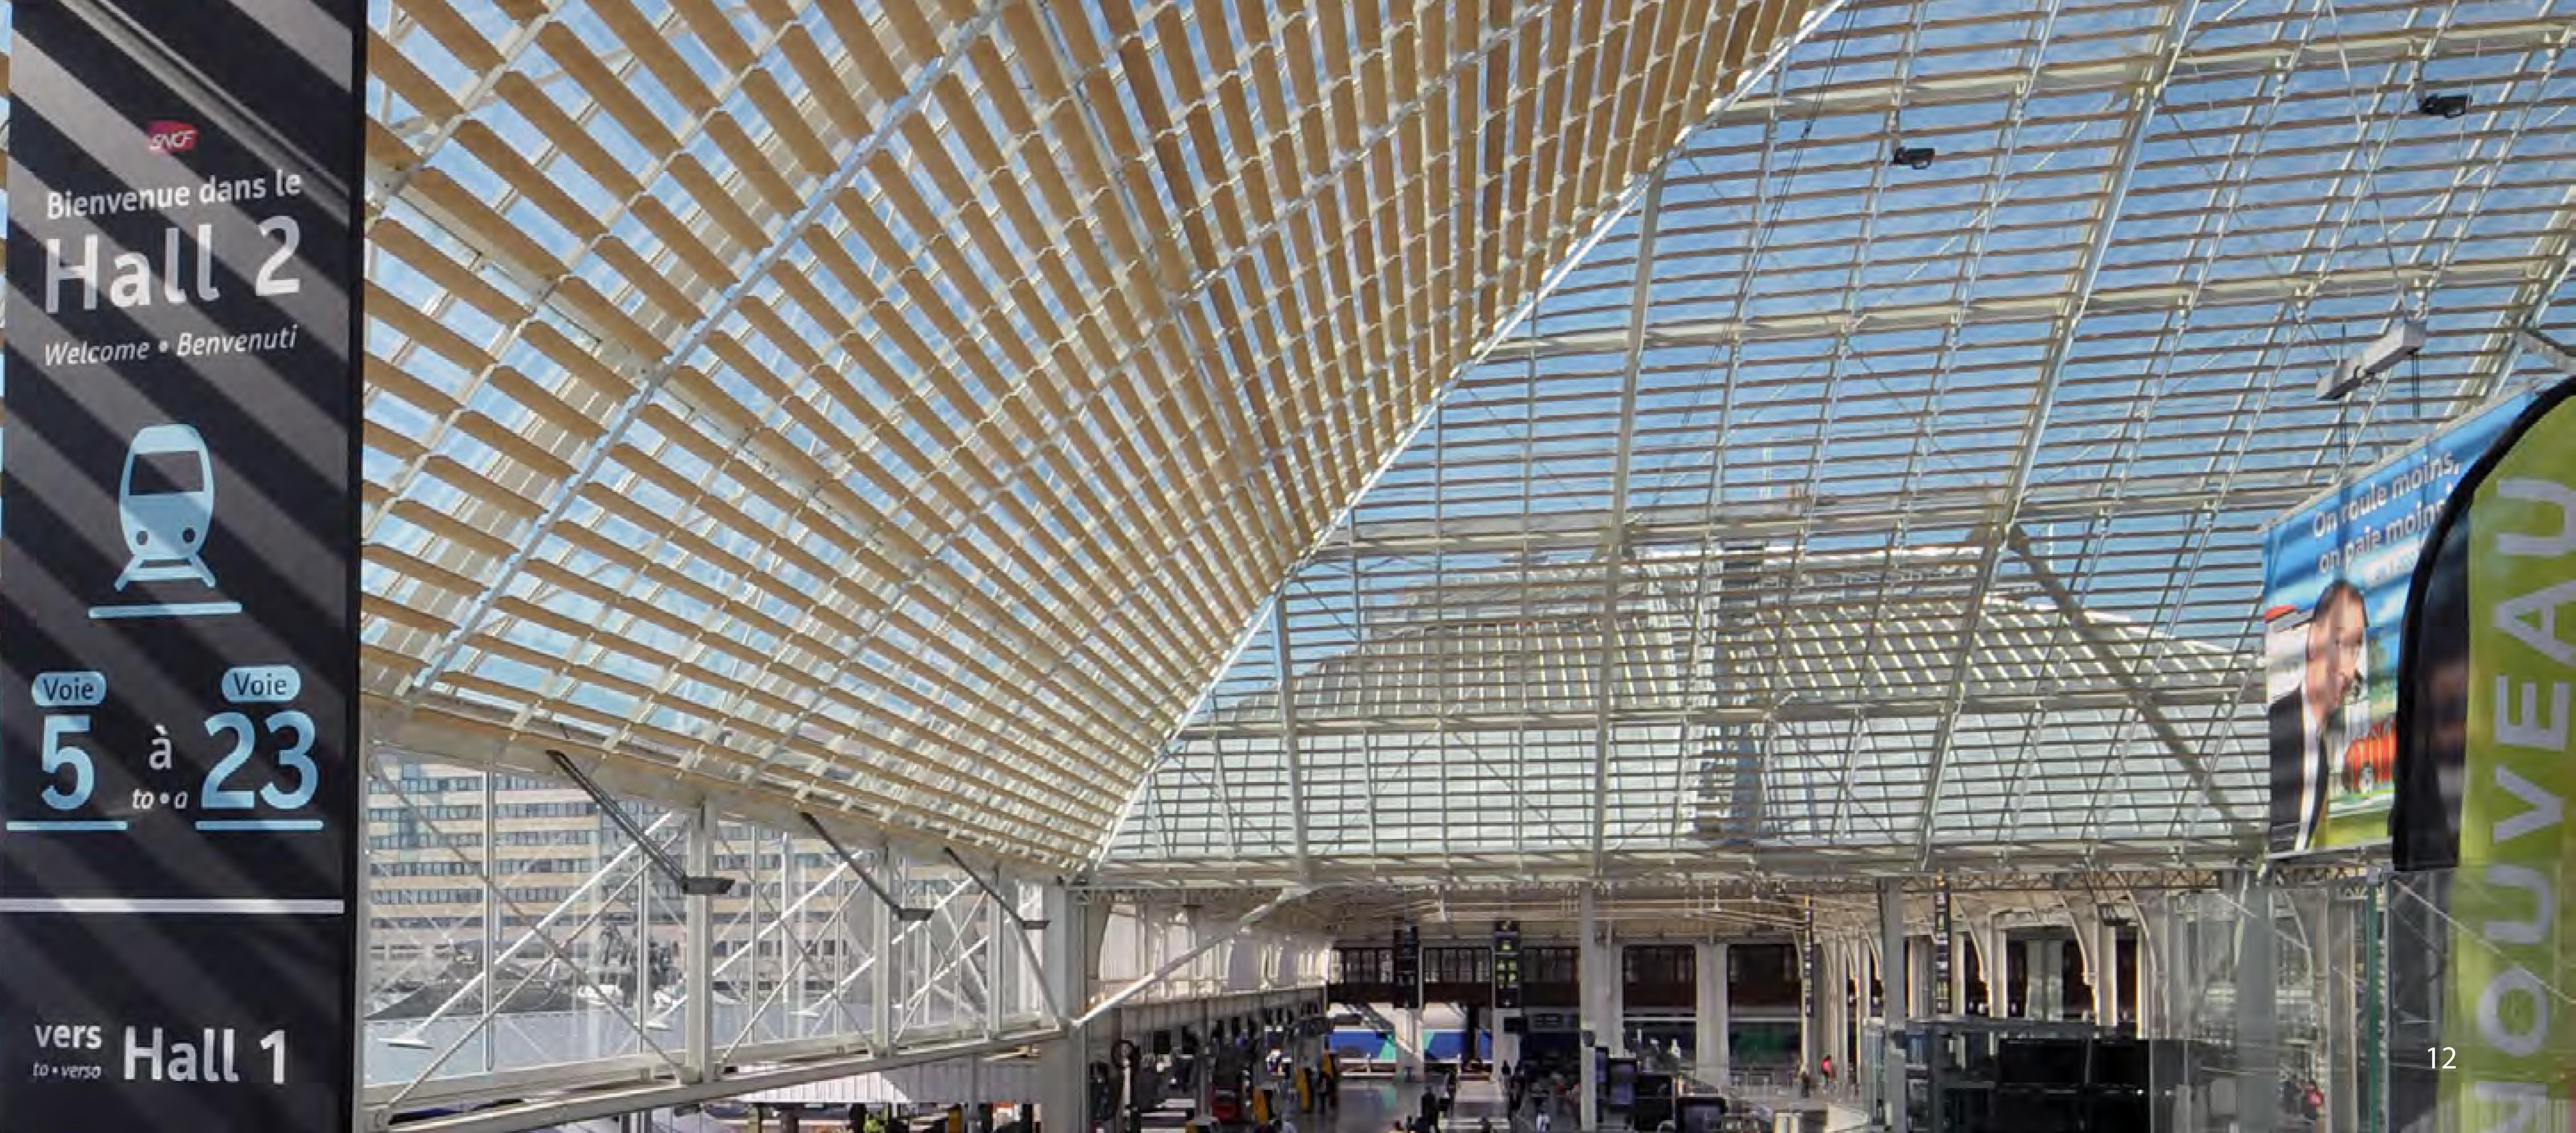 La verrière du Hall 2. Crédits photo : SNCF-AREP / Photo M. Lee Vigneau